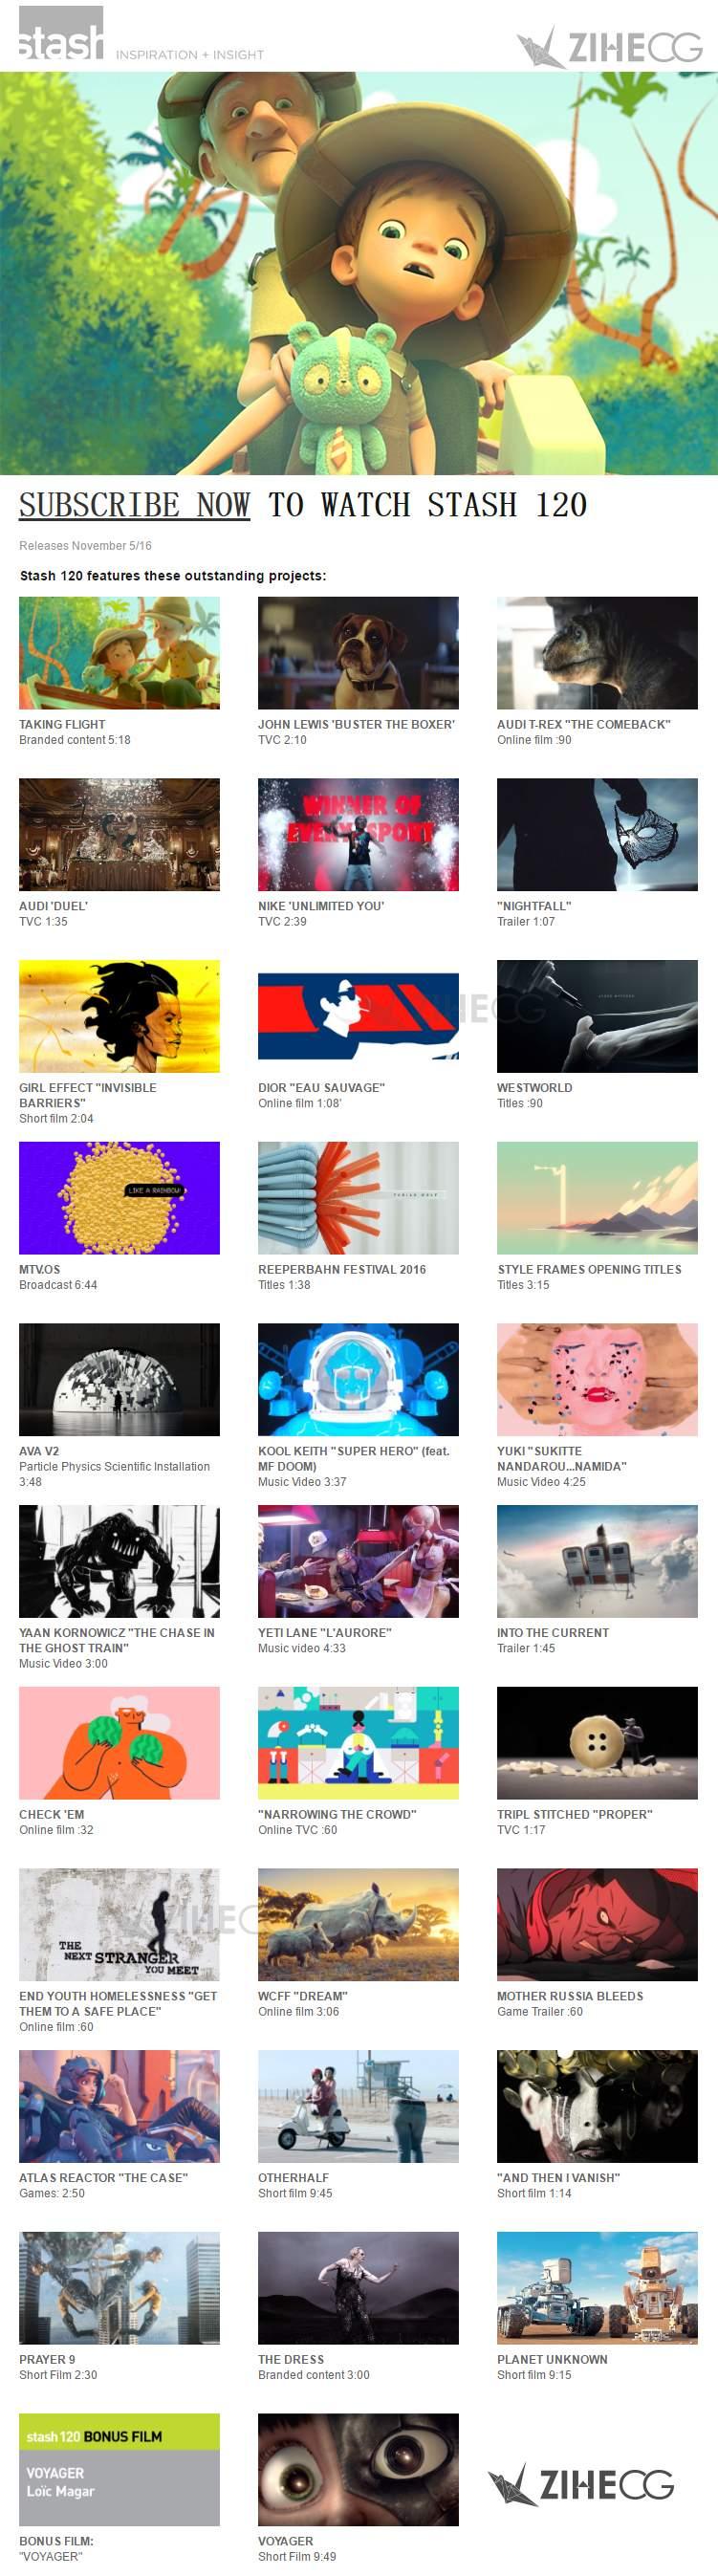 美国2016年11月STASH120期 1080P VFX 电视包装、广告创意、动画